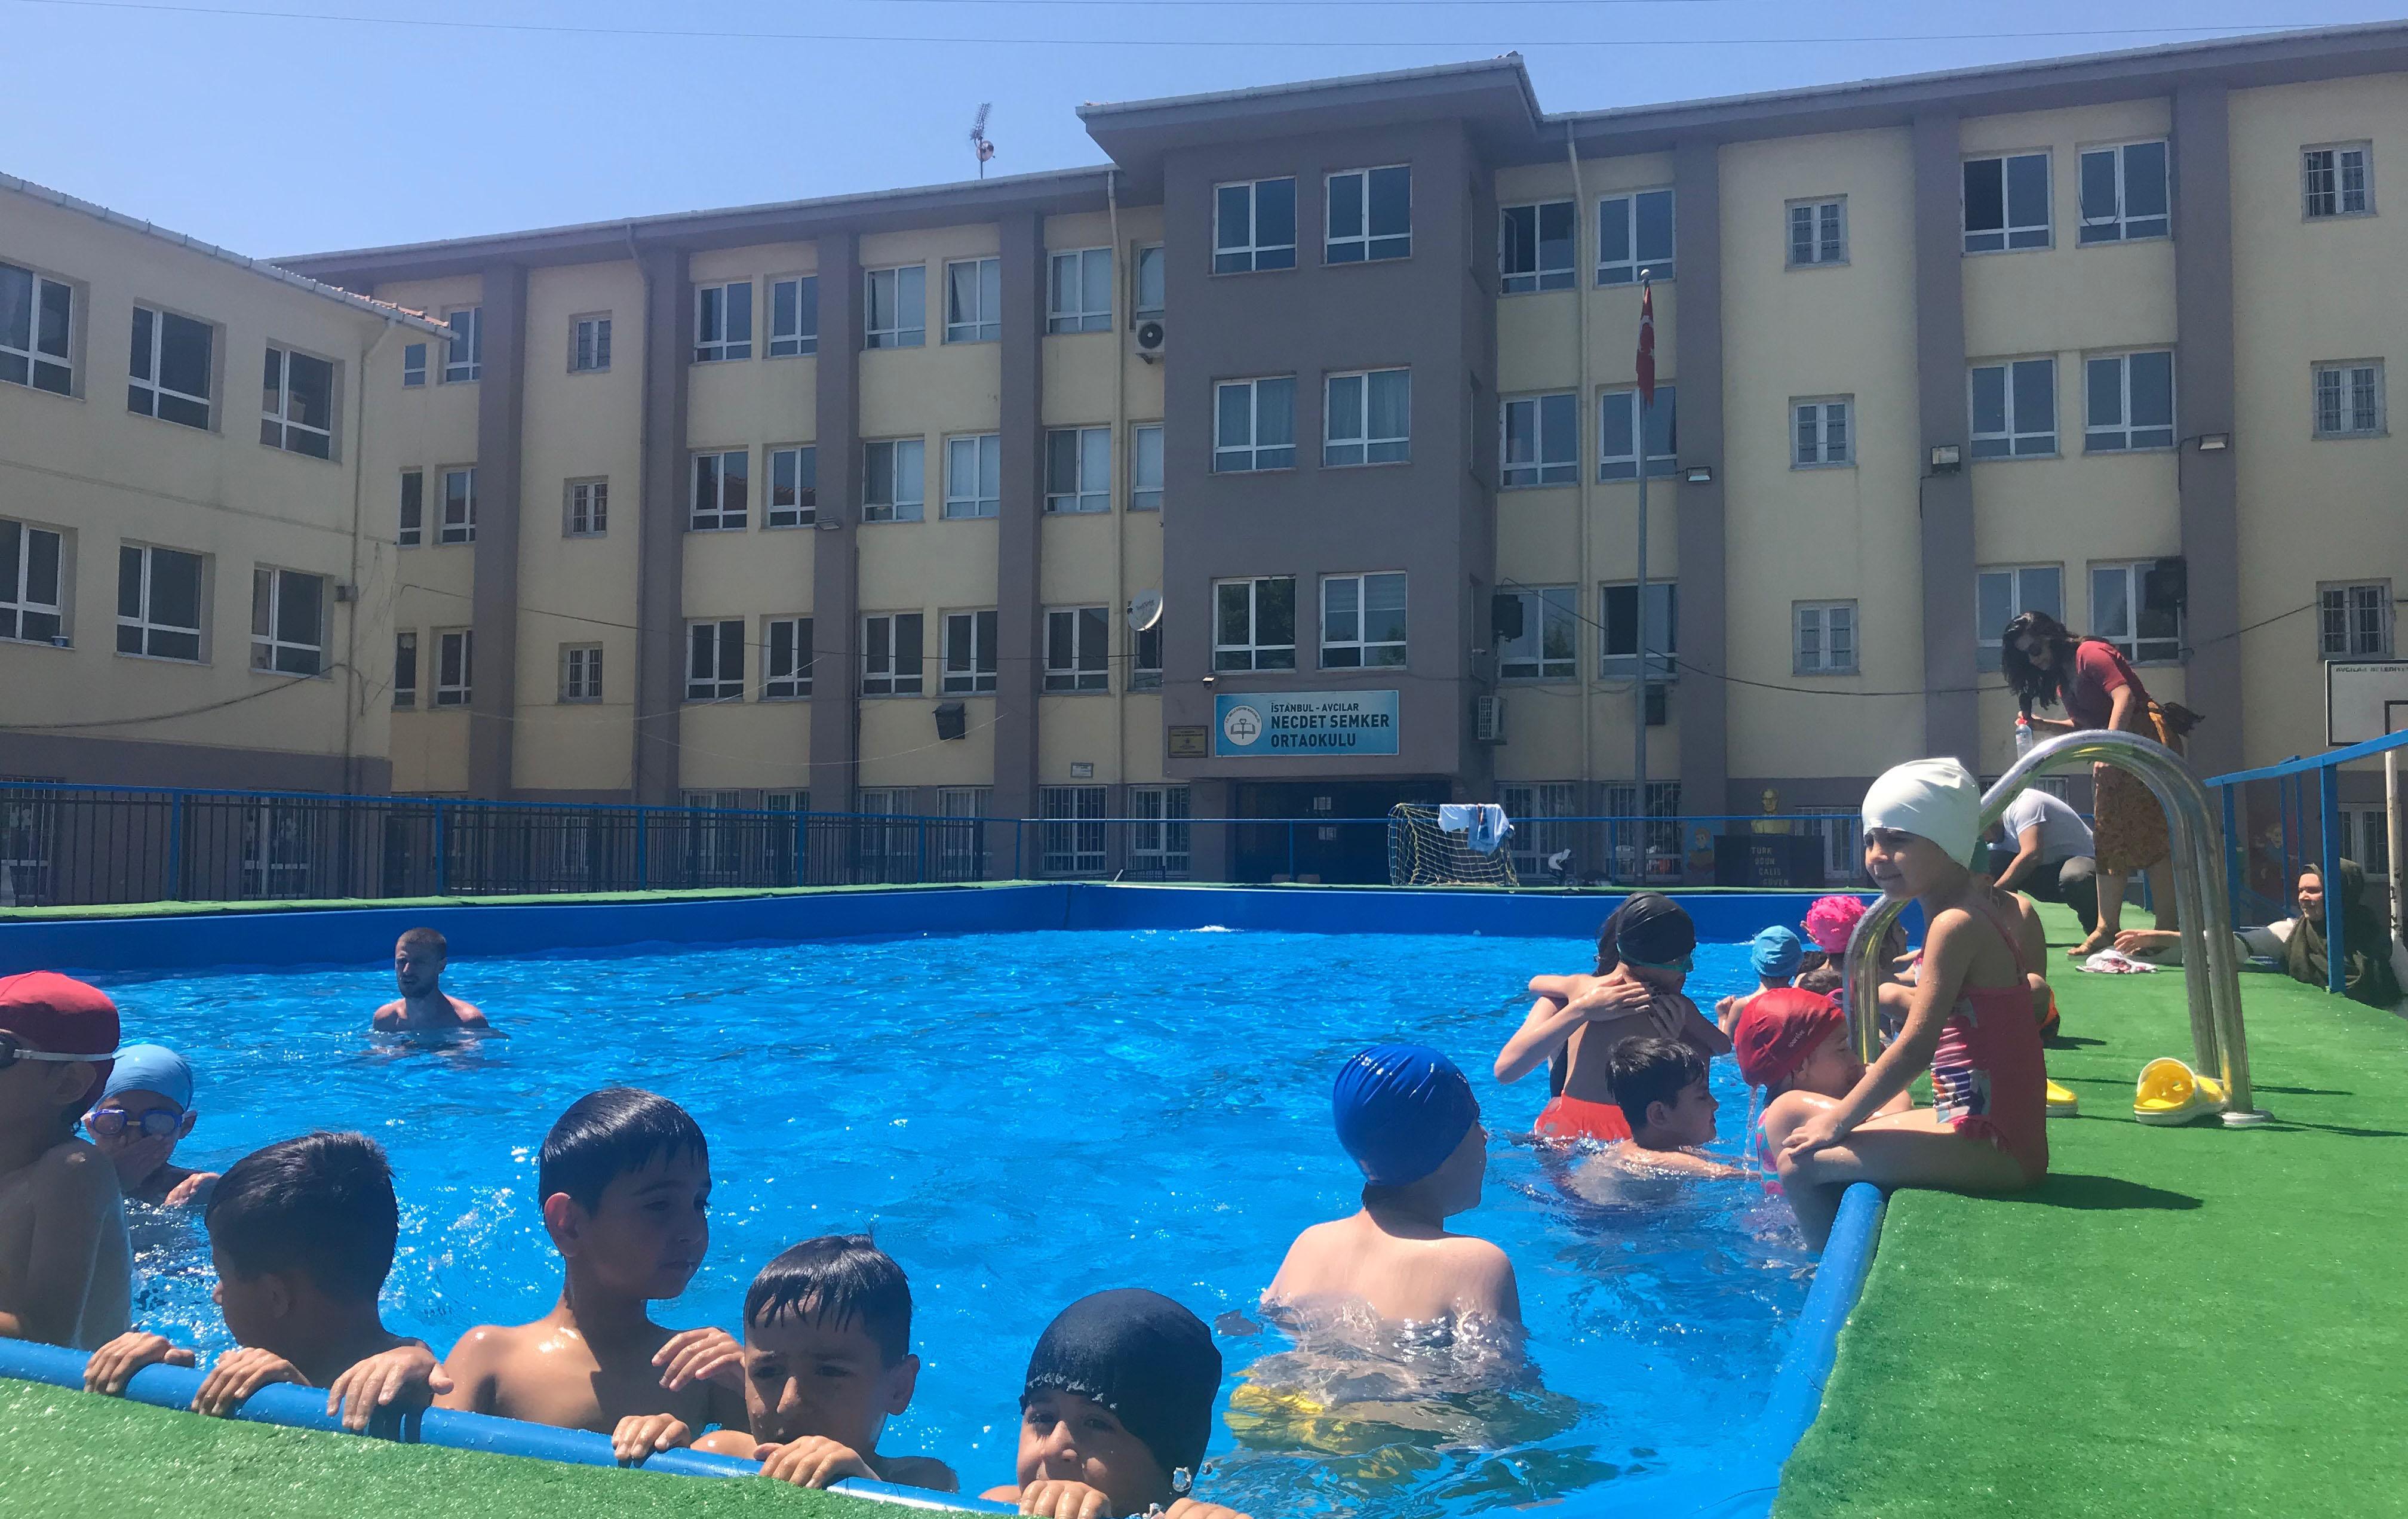 Avcılar'da bir ilk: Okul bahçesinde havuz keyfi